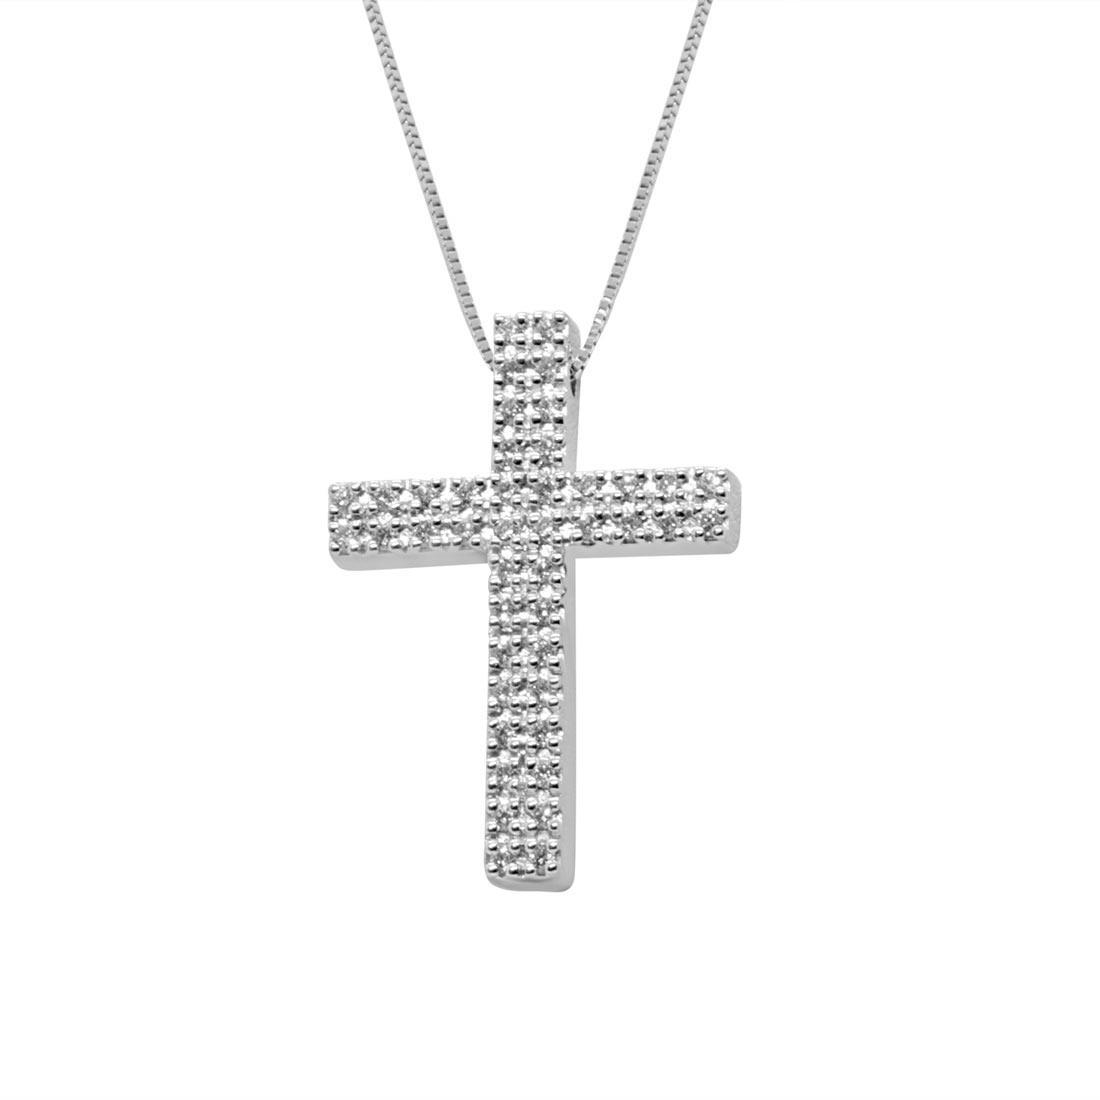 Collana in oro bianco con croce di diamanti 0,37 ct - ALFIERI ST JOHN